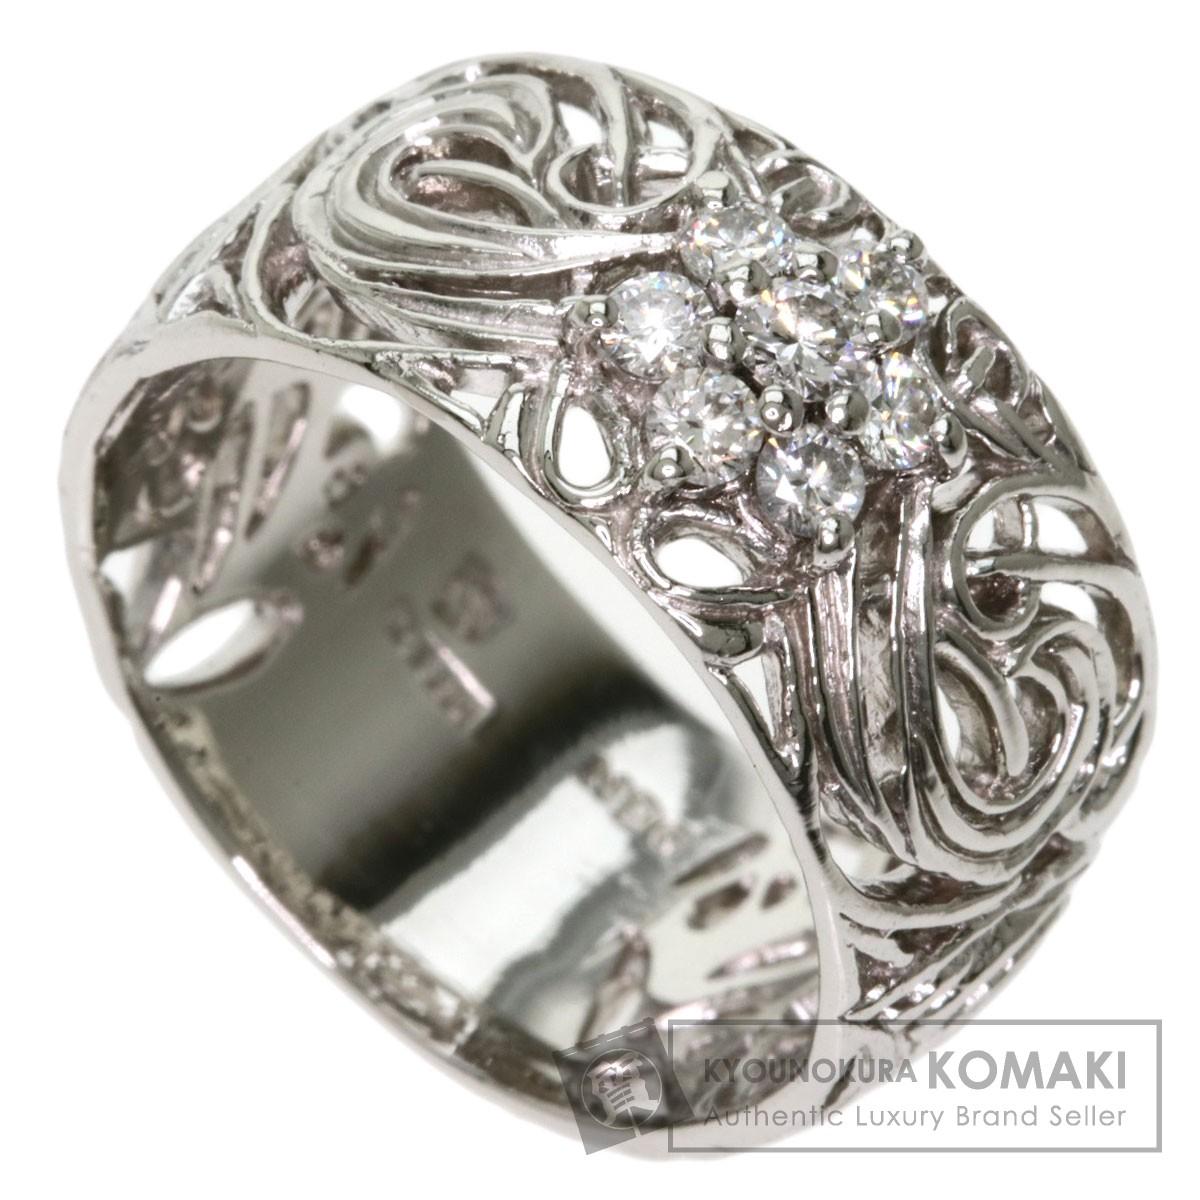 ダイヤモンド リング・指輪 プラチナPT950 11.5g レディース 【中古】